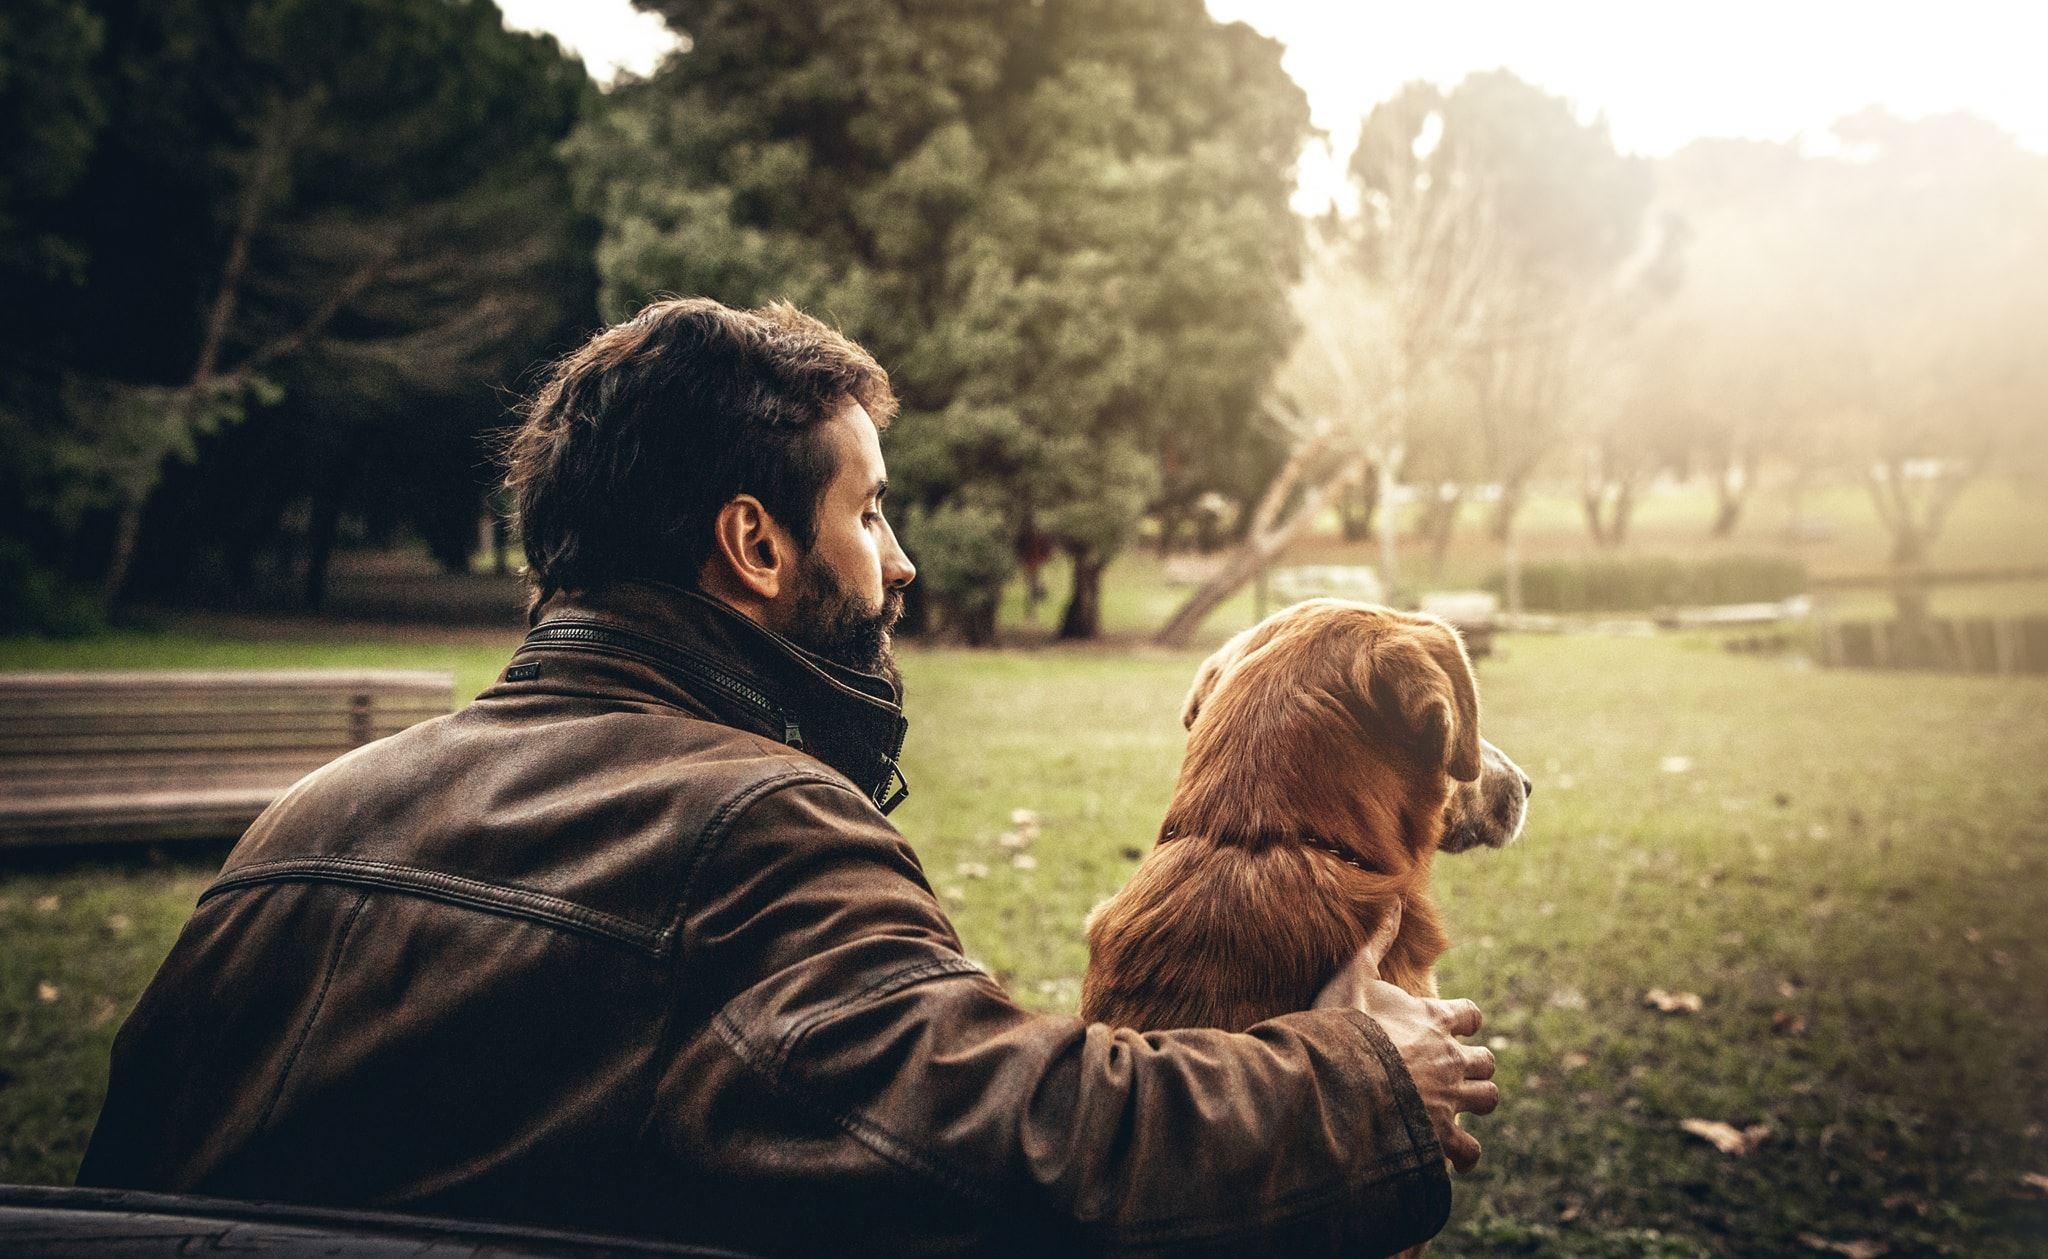 Köpek Maması Kutu Aboneliği Girişimi Barkyn 1.7 Milyon Euro Yatırım Topladı